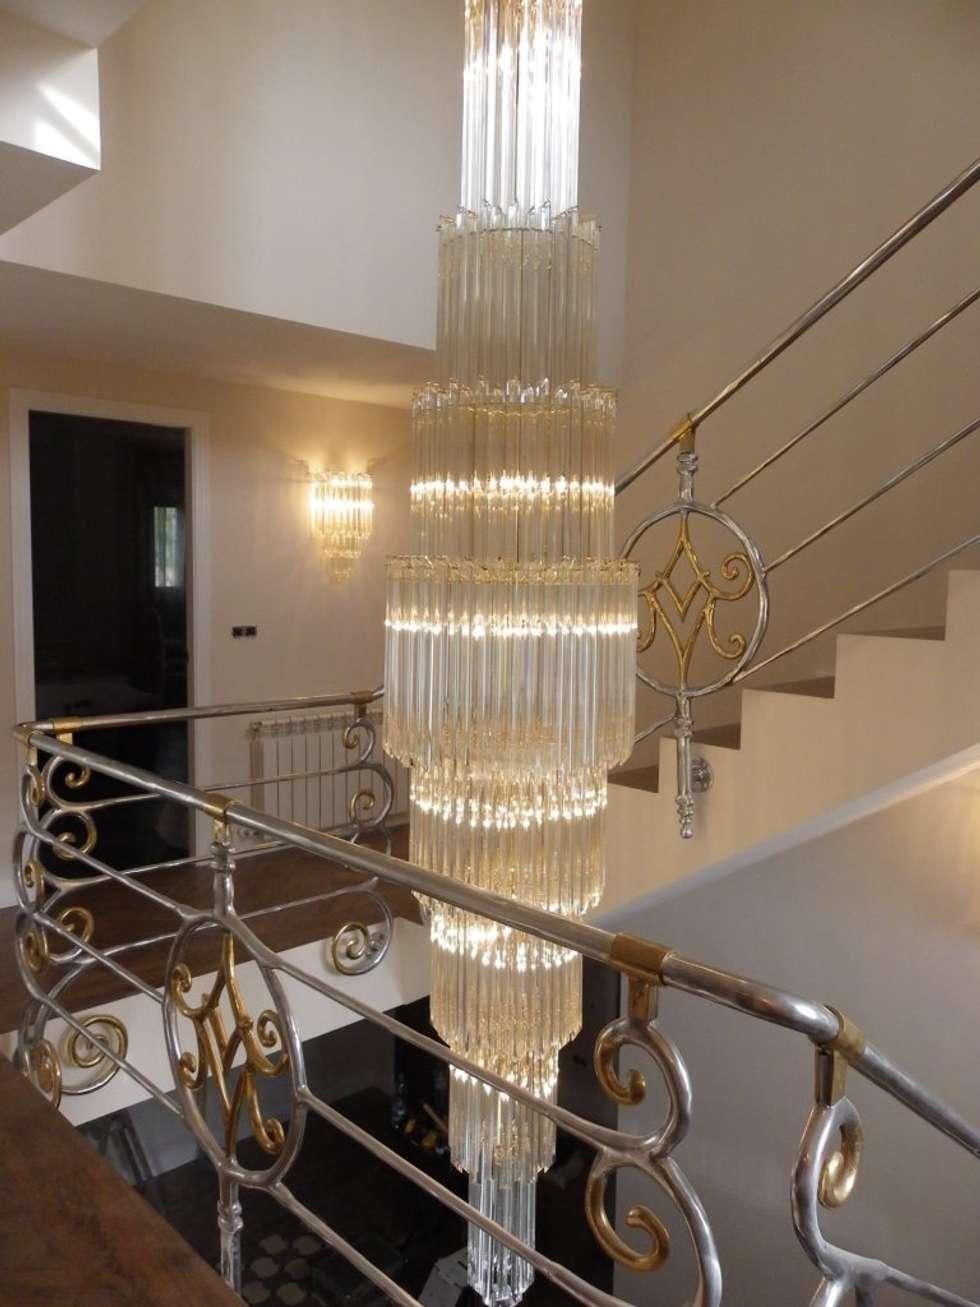 Fotos de decoraci n y dise o de interiores homify - Lamparas para escaleras ...